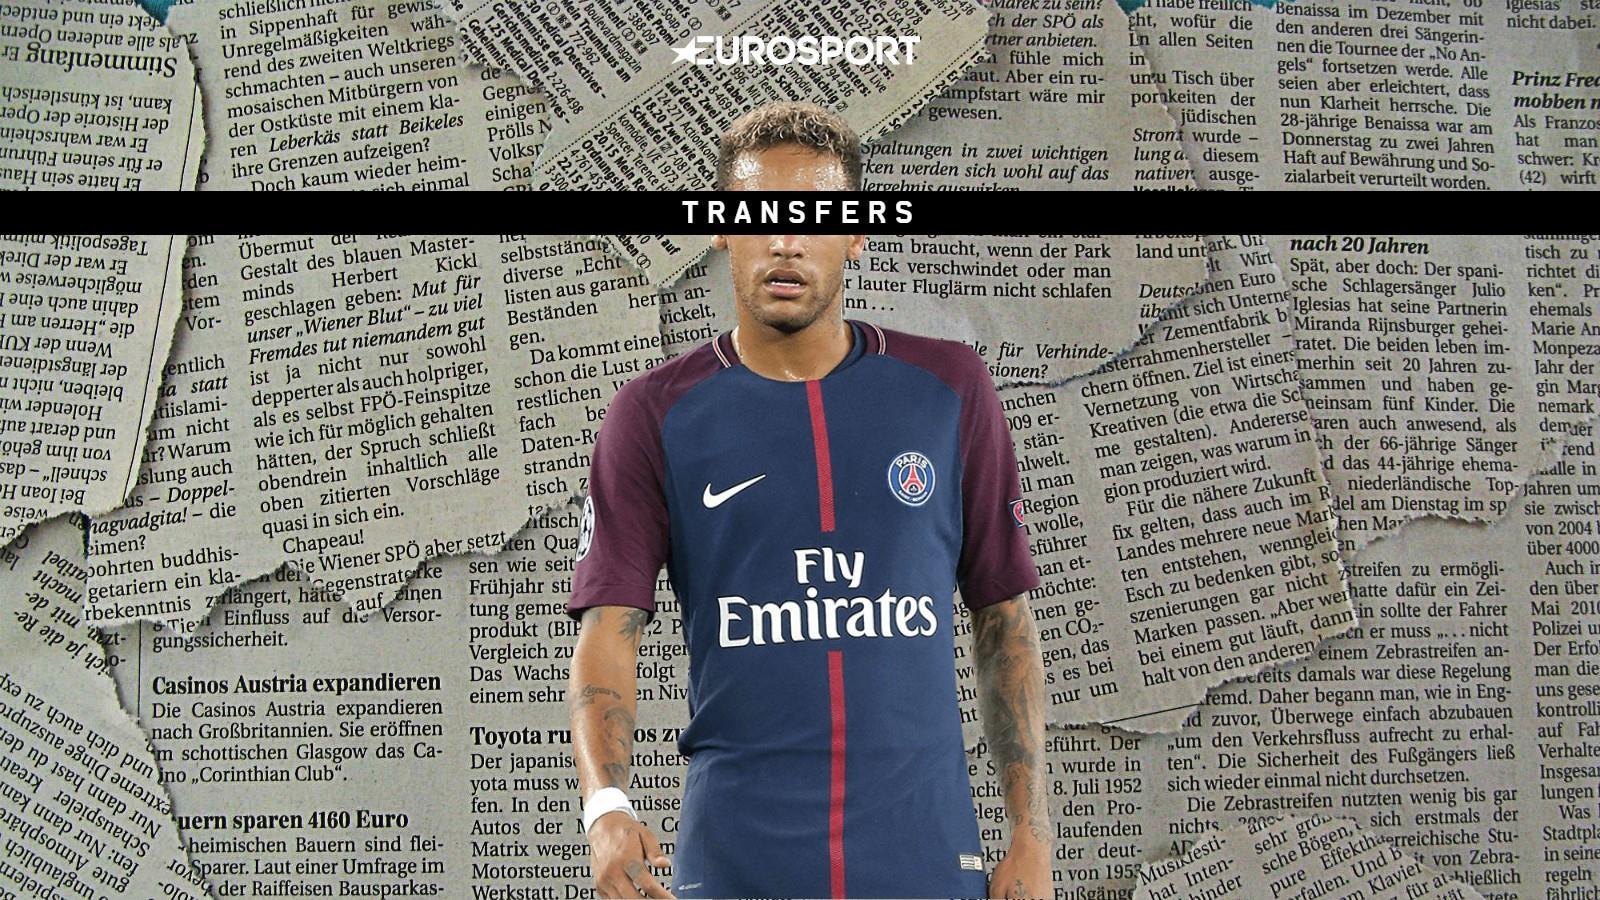 Вся правда о трансфере Неймара из «ПСЖ» в «Барселону» или «Реал Мадрид»